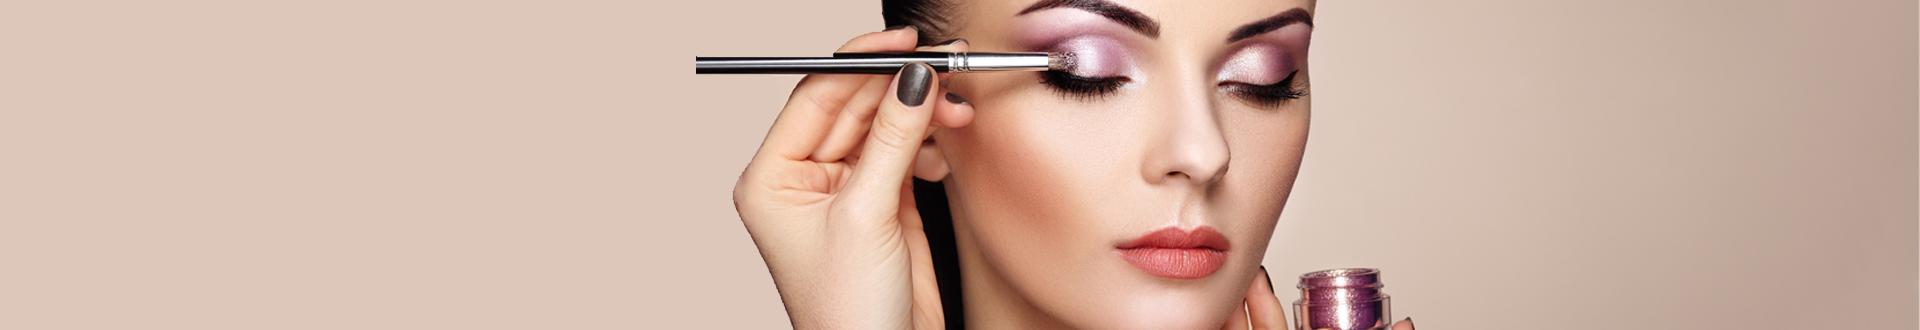 Découvrez le maquillage naturel et Bio de chez Dermaclinic, Audrey vous propose pour une mise en beauté le maquillage Bio chez ZAO, qui prend soin de votre peau et de la nature.